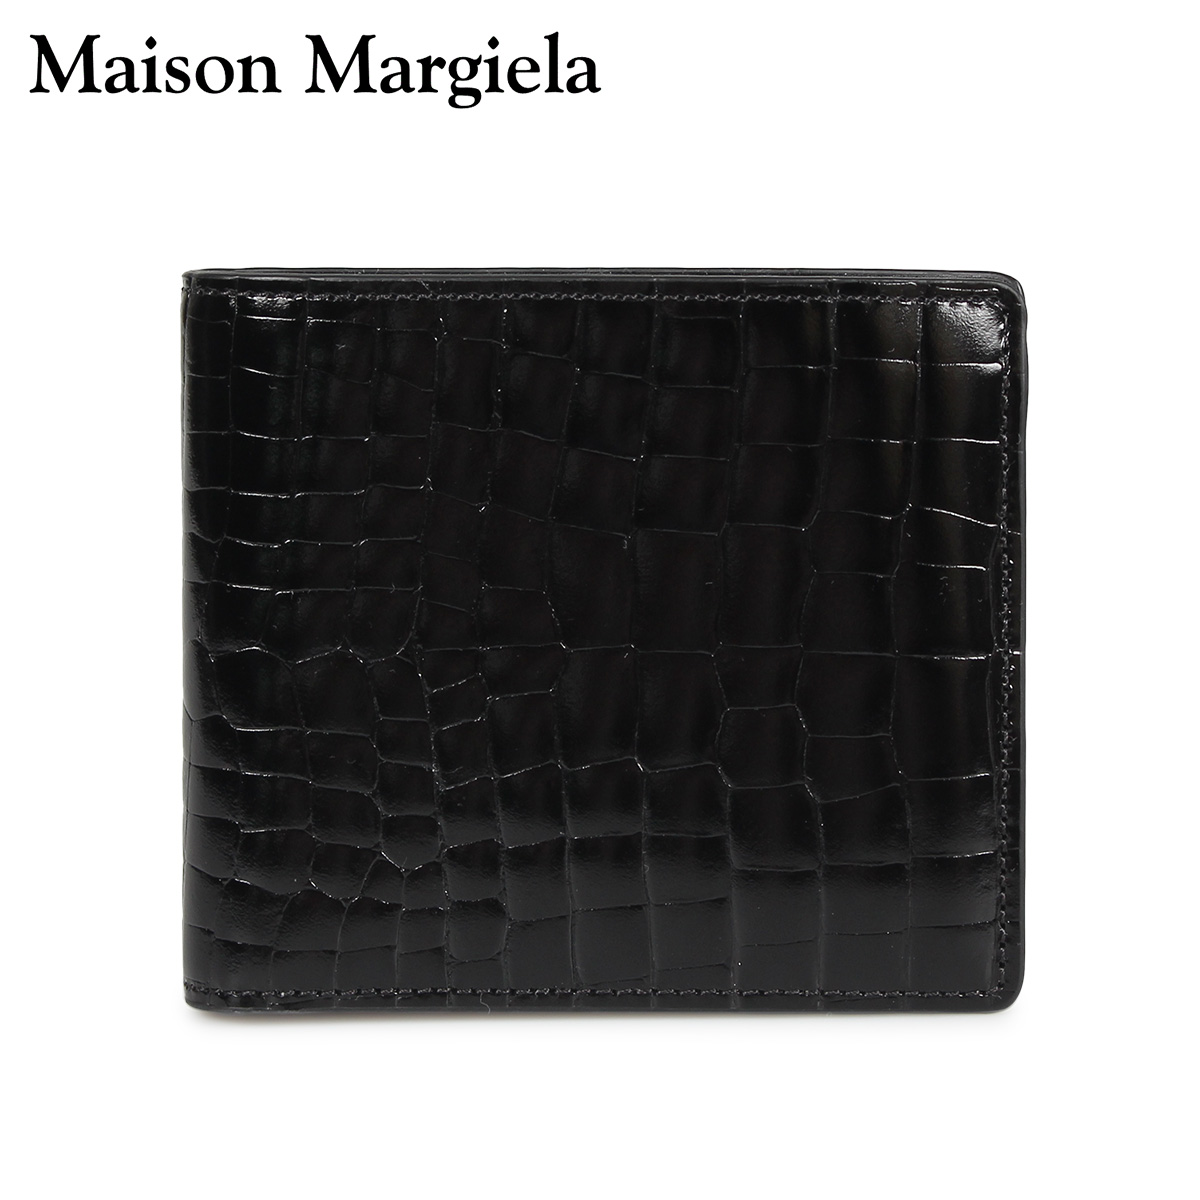 MAISON MARGIELA メゾンマルジェラ 財布 ミニ財布 二つ折り メンズ レディース MINI WALLET レザー ブラック 黒 S35UI0435 P0195